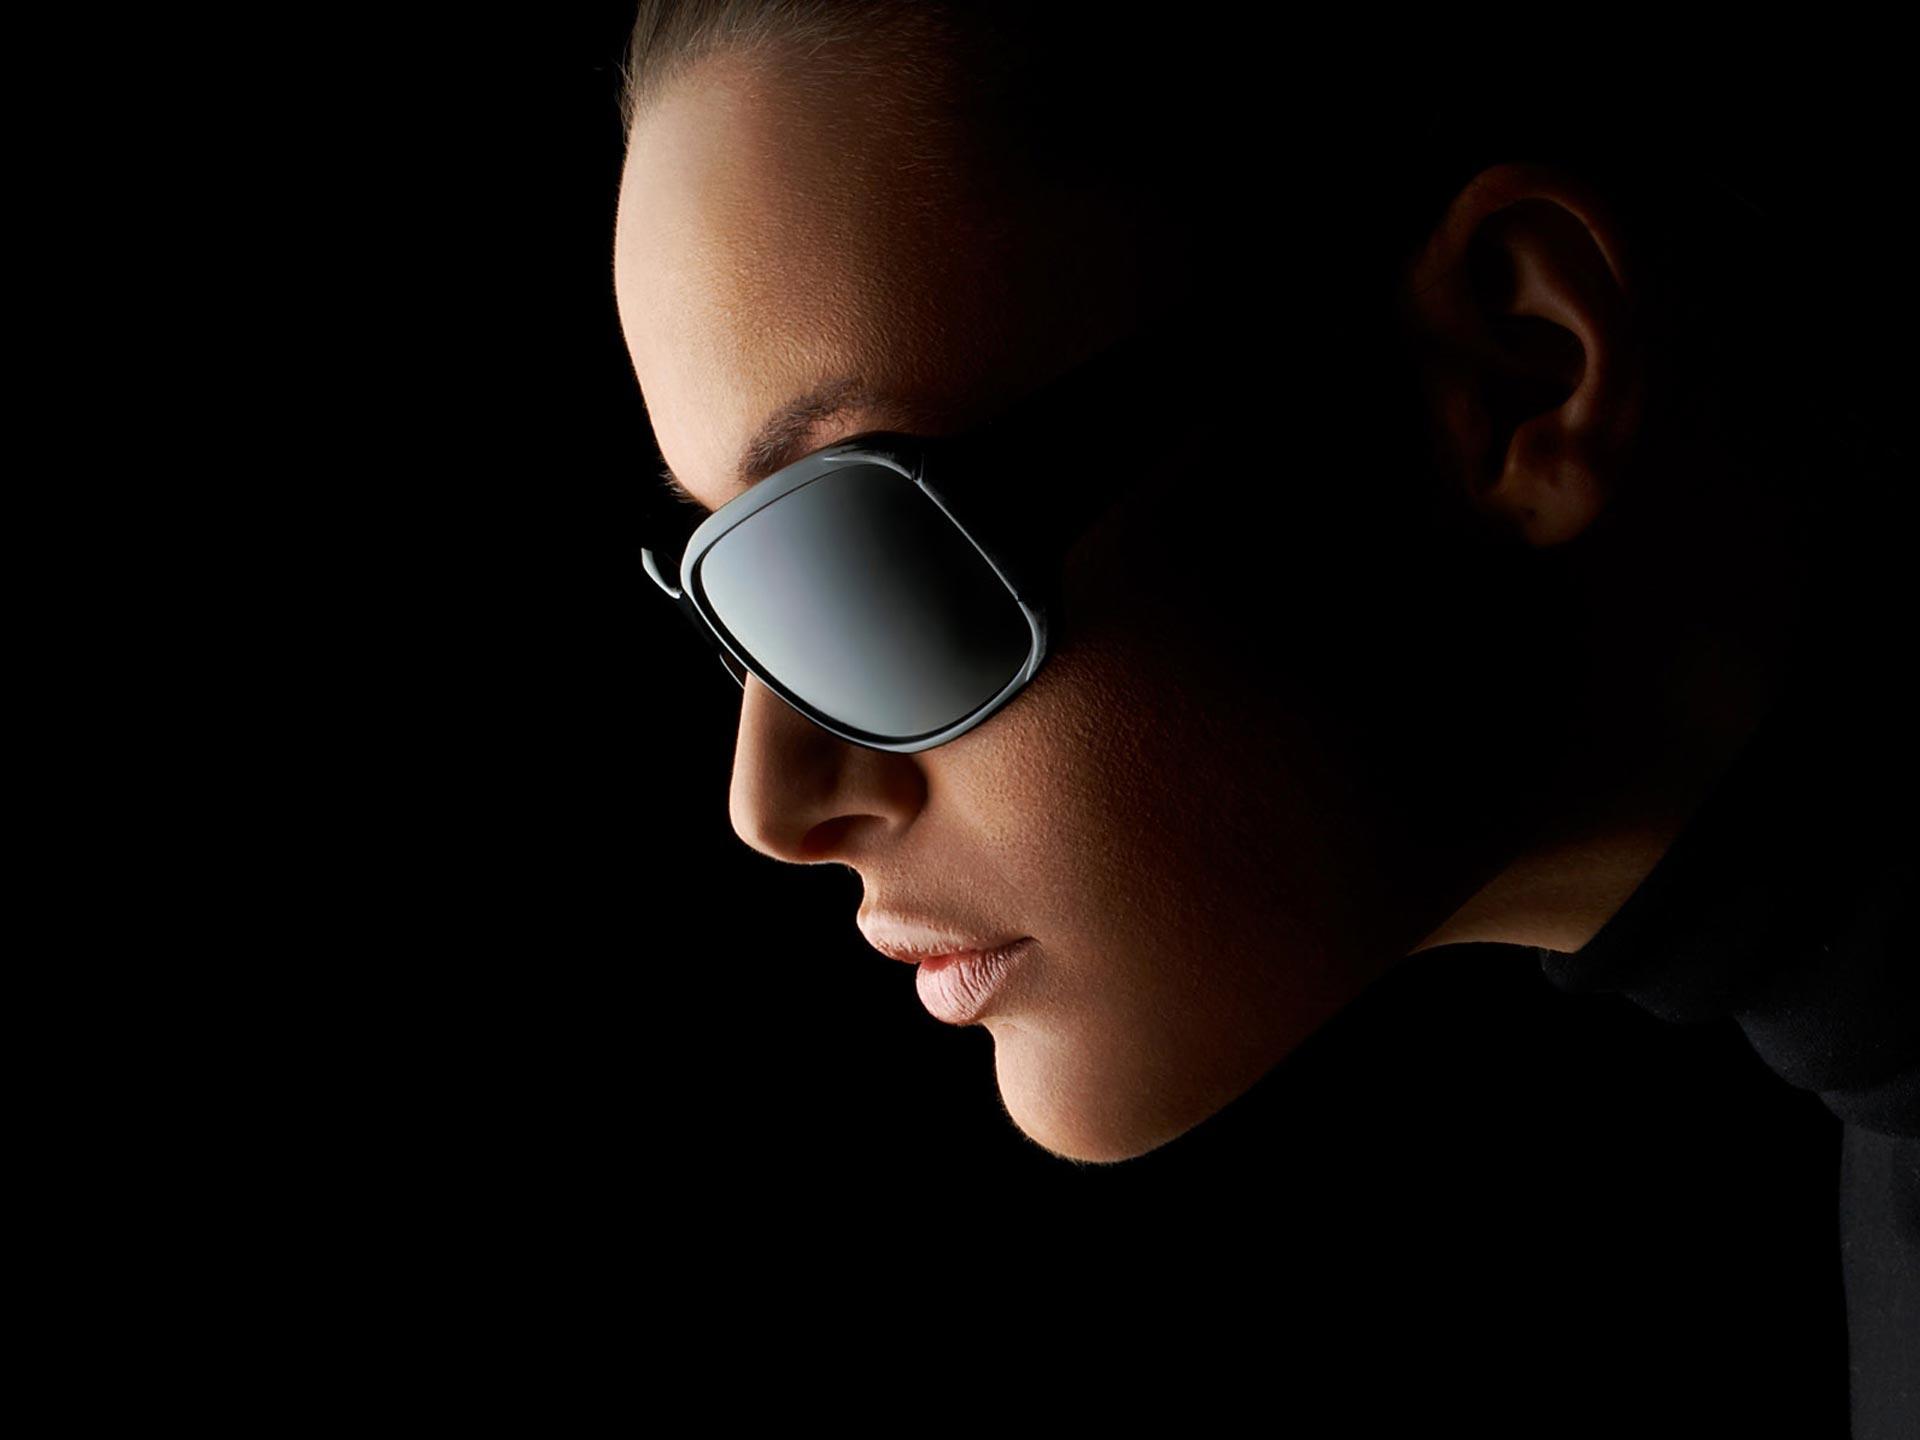 девушки в черных очках фото